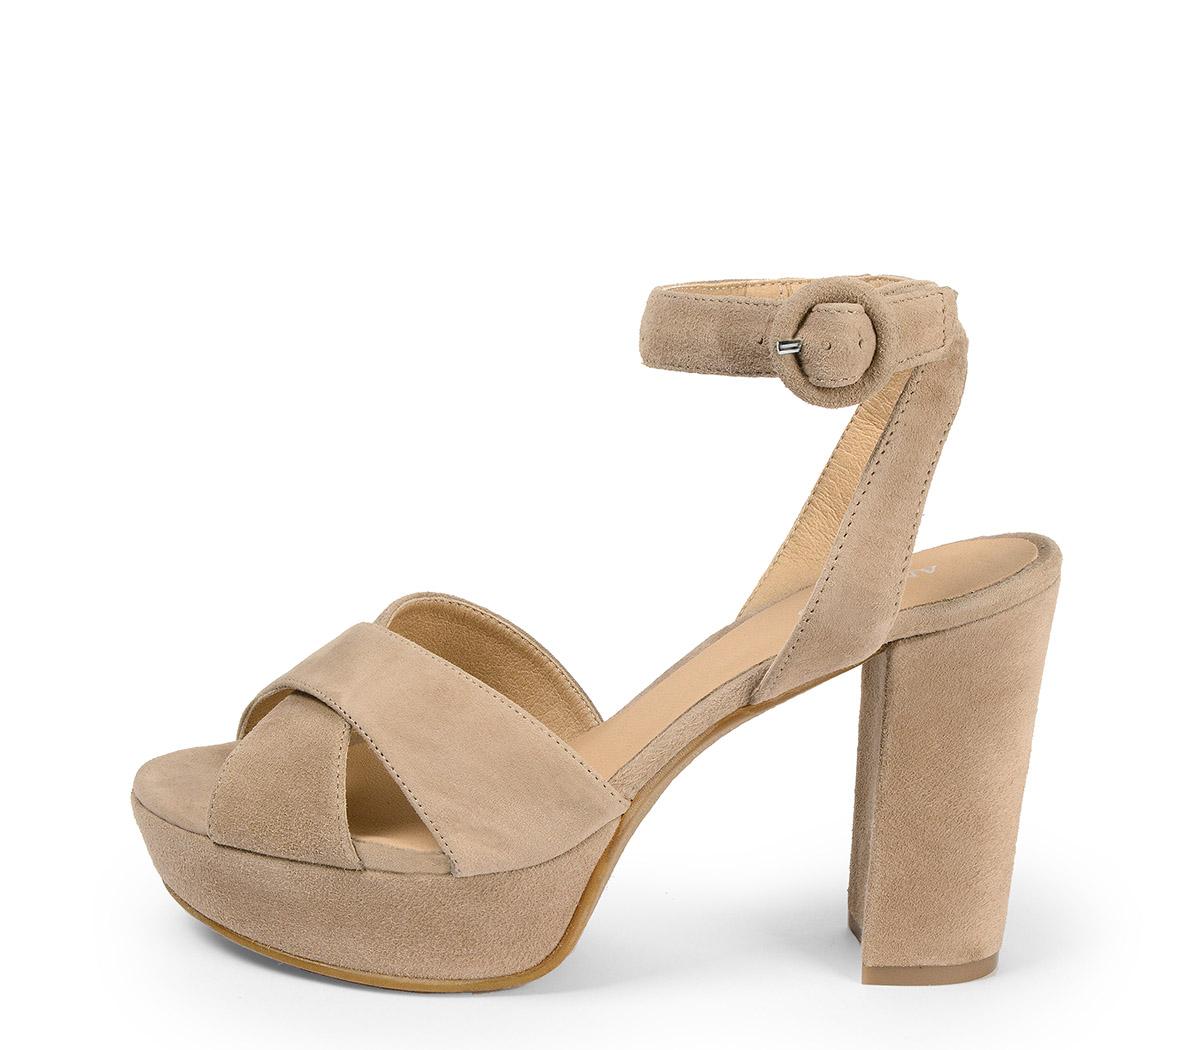 Ref: 3840 Sandalia ante beige con pala cruzada. Pulsera al tobillo con hebilla al tono. Tacón de 10.5 cm y plataforma delantera de 3.5 cm.